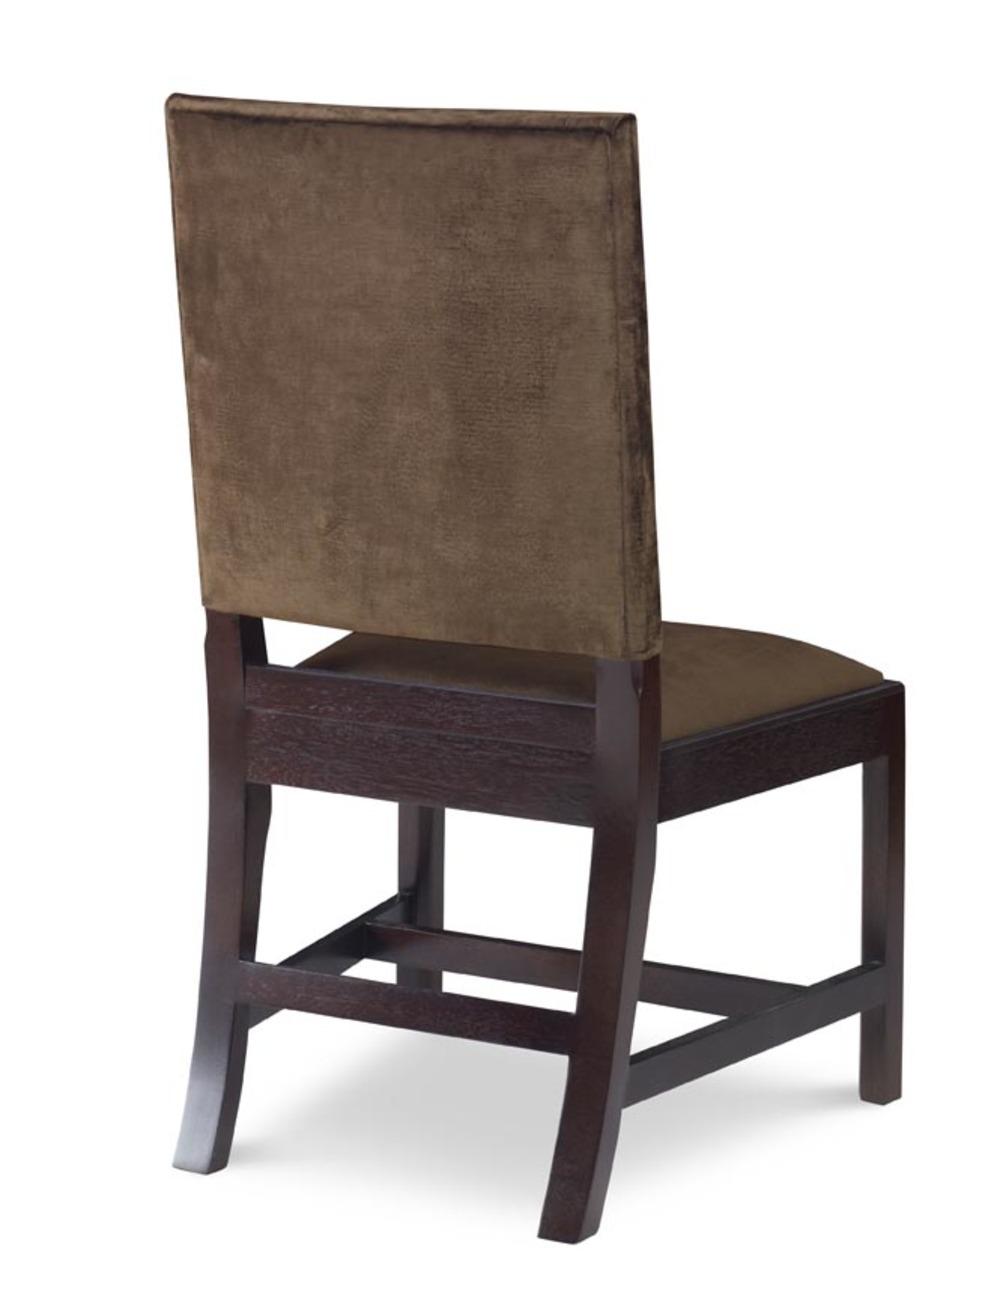 Century Furniture - Emmett Upholstered Side Chair